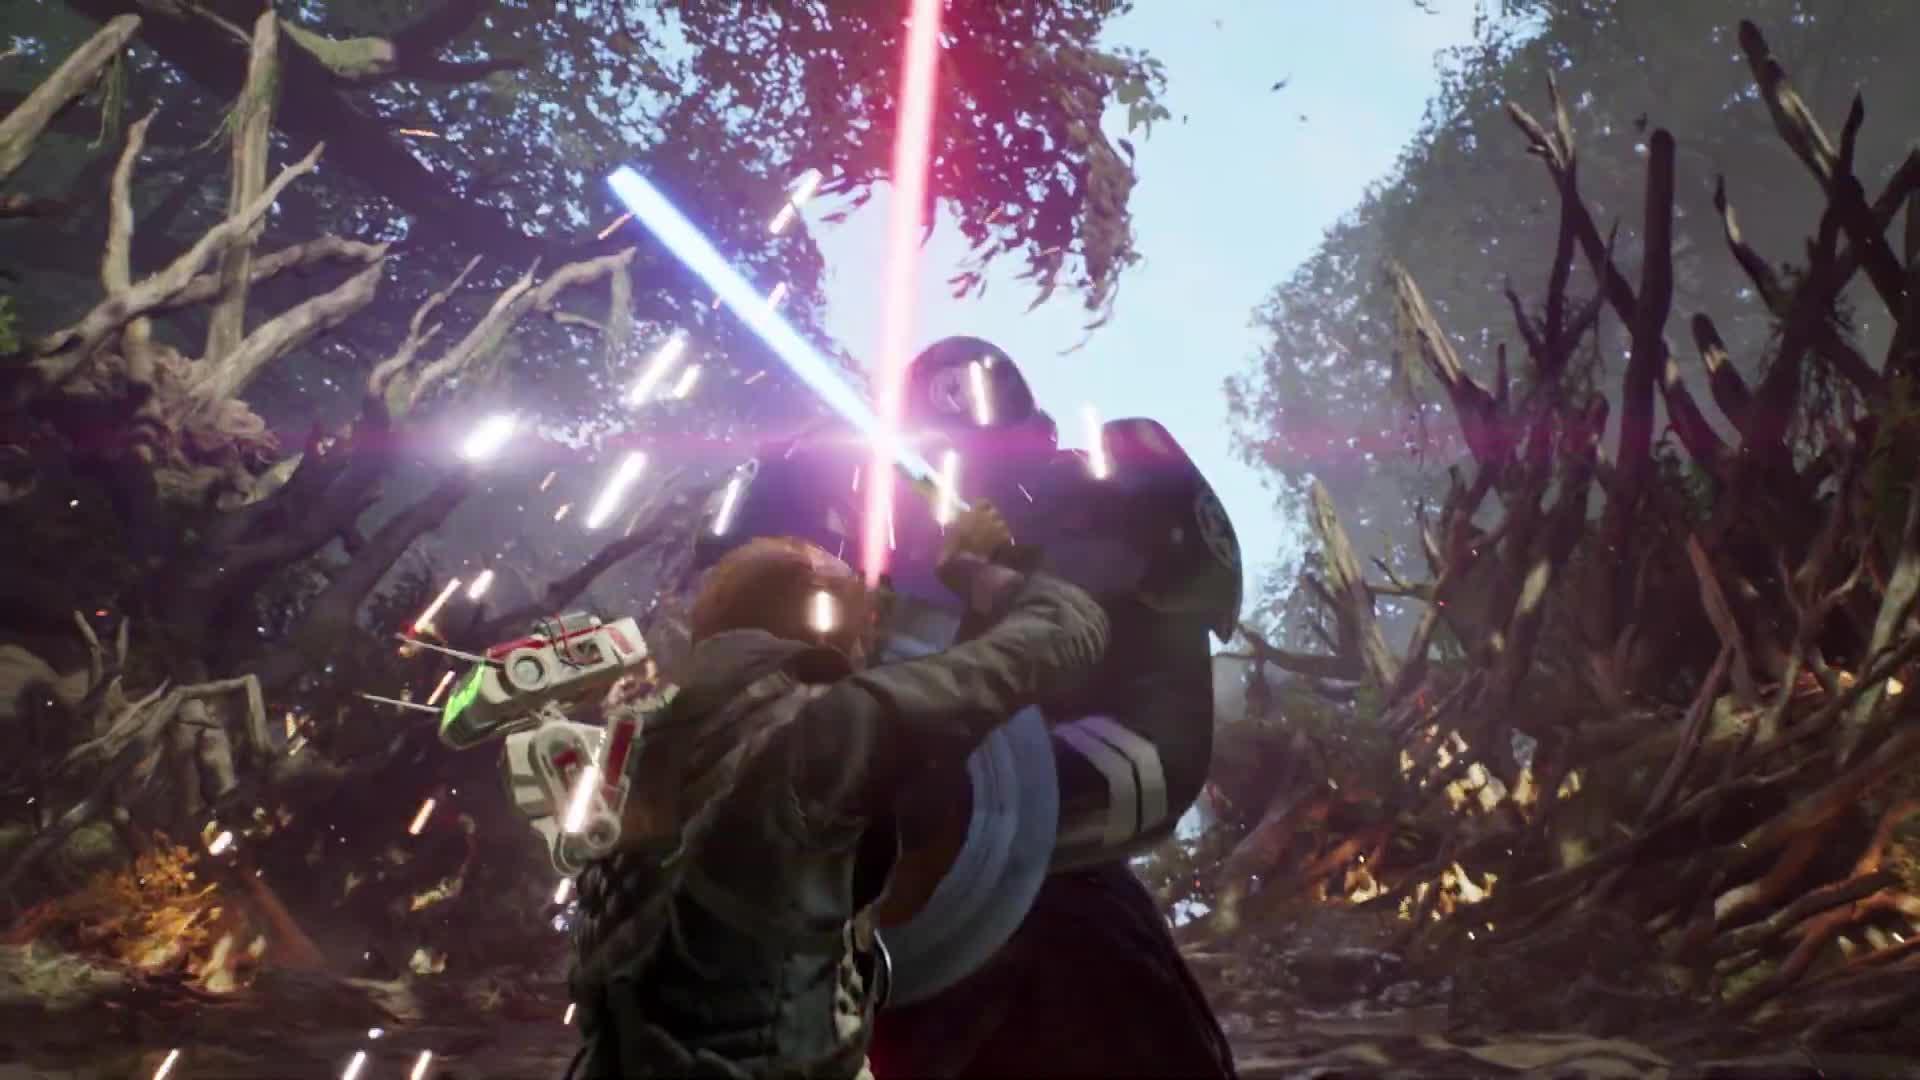 Trailer, Electronic Arts, Ea, Star Wars, Fallen Order, Star Wars Jedi: Fallen Order, Star Wars Jedi